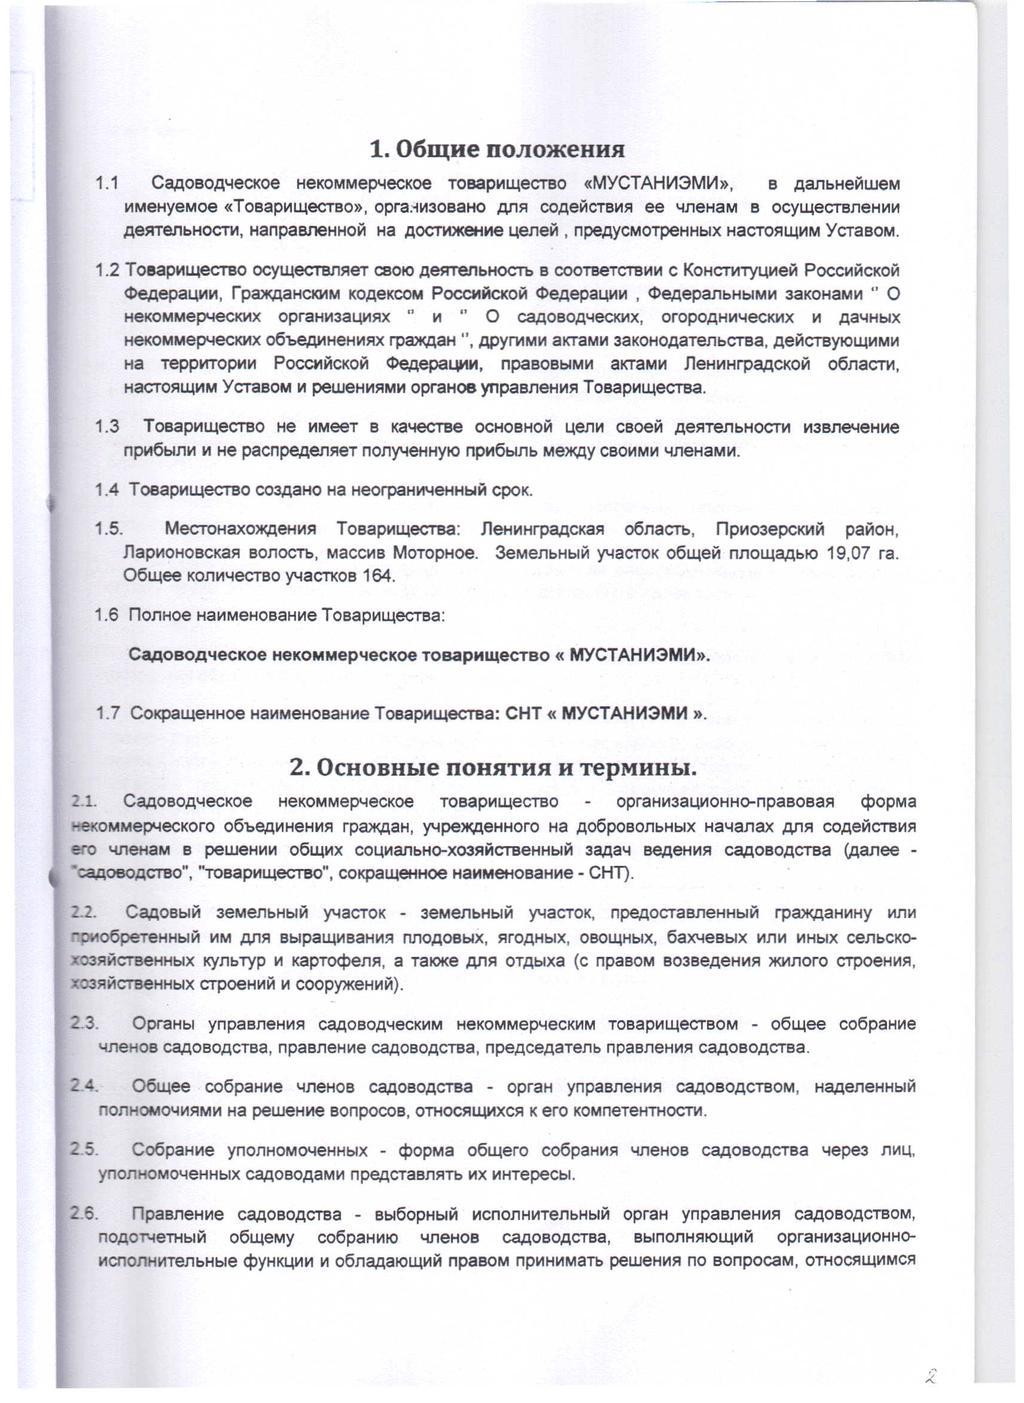 закон о садоводстве и огородничестве 2019 текст